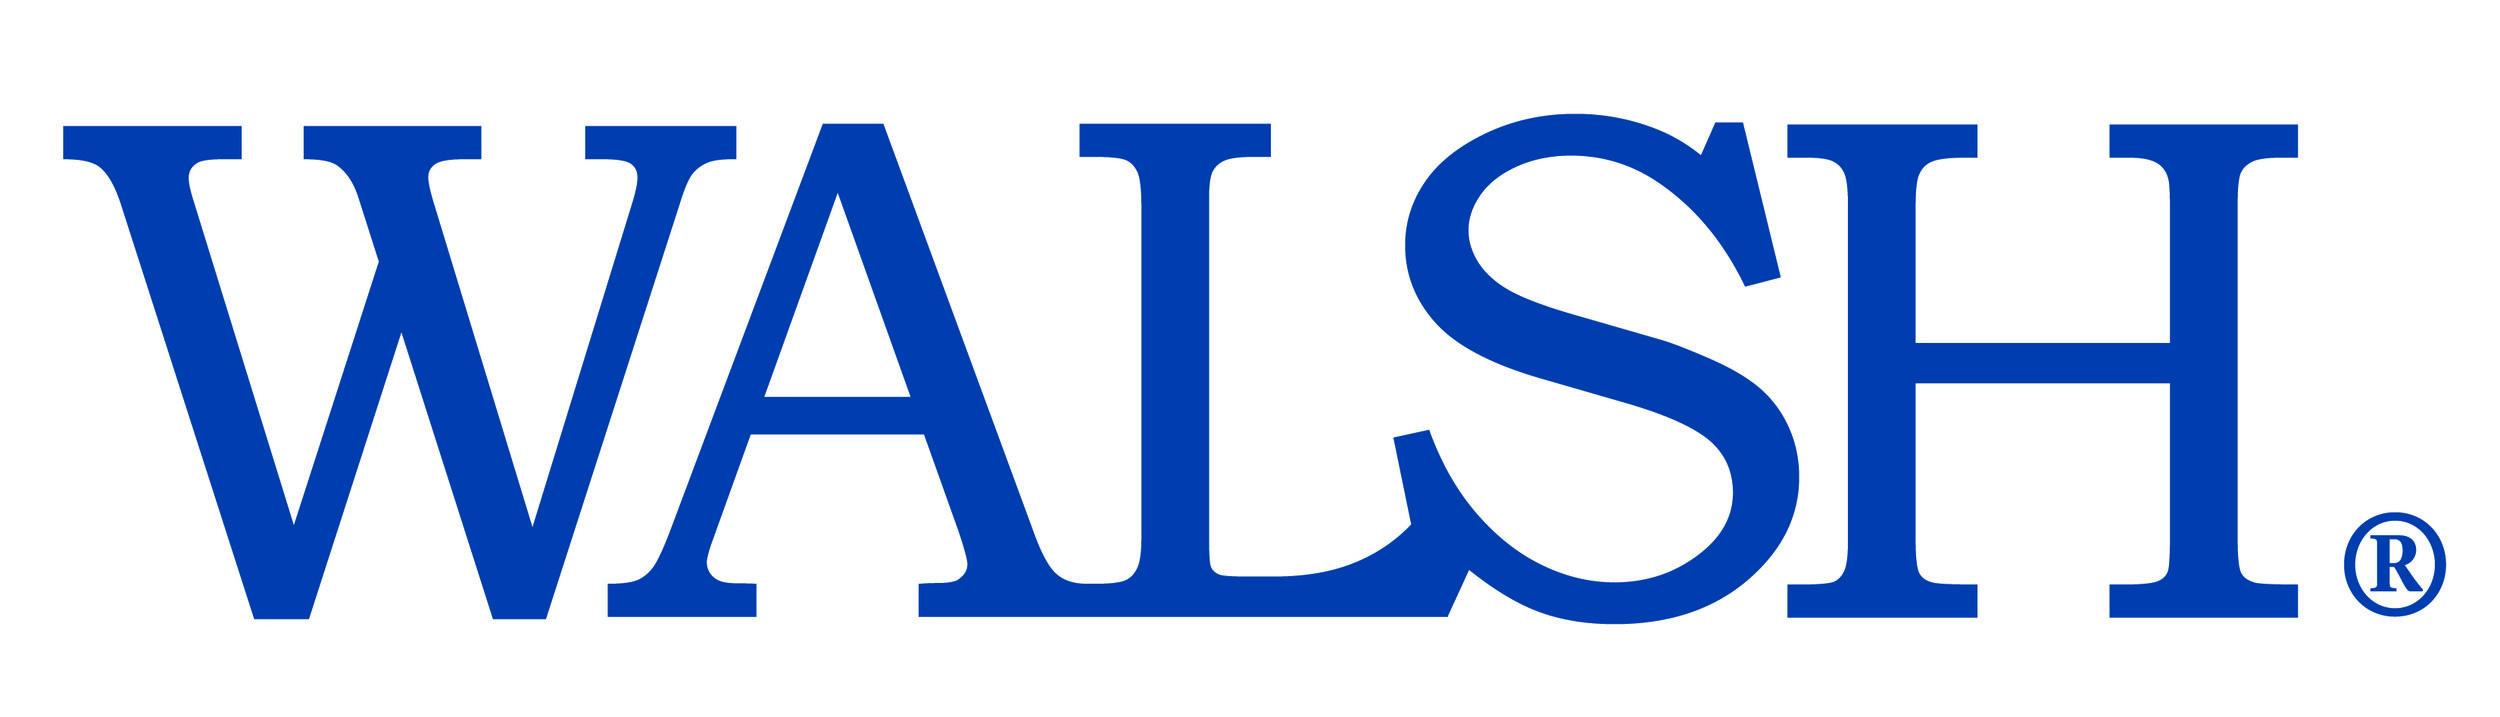 Walsh Logo_Blue.jpg